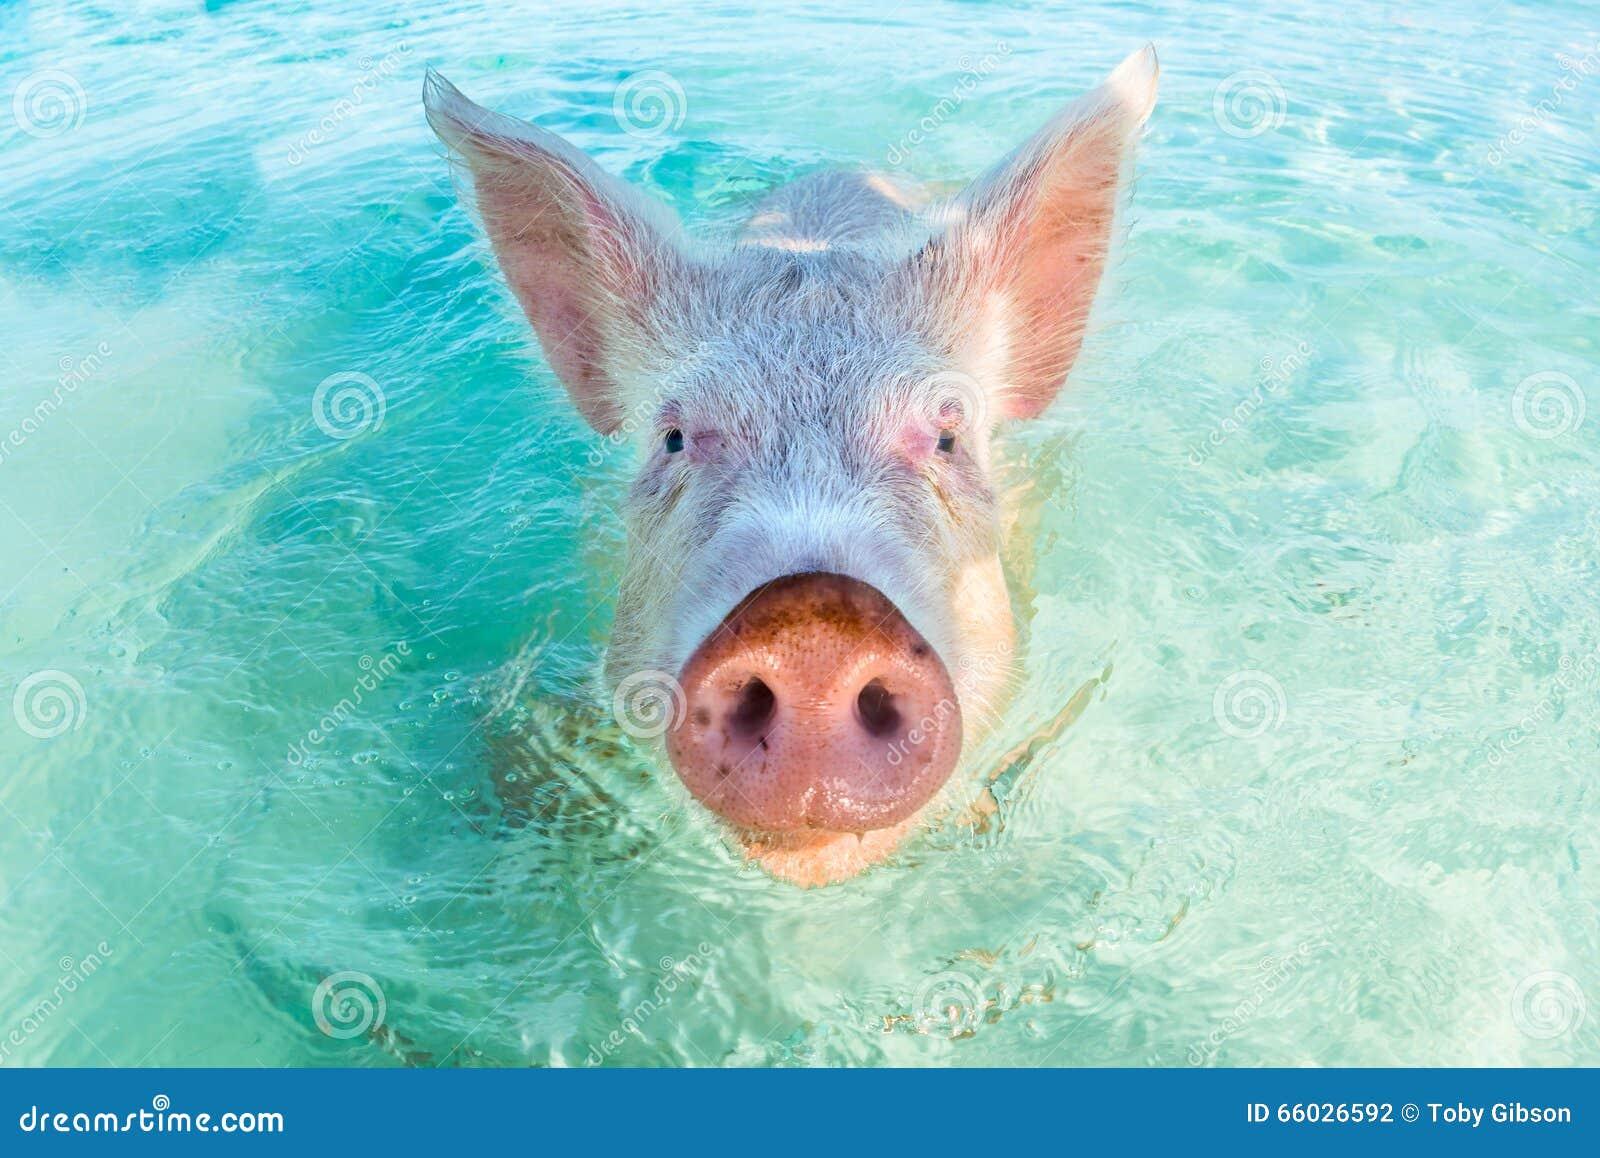 猪游泳表情包分享展示图片